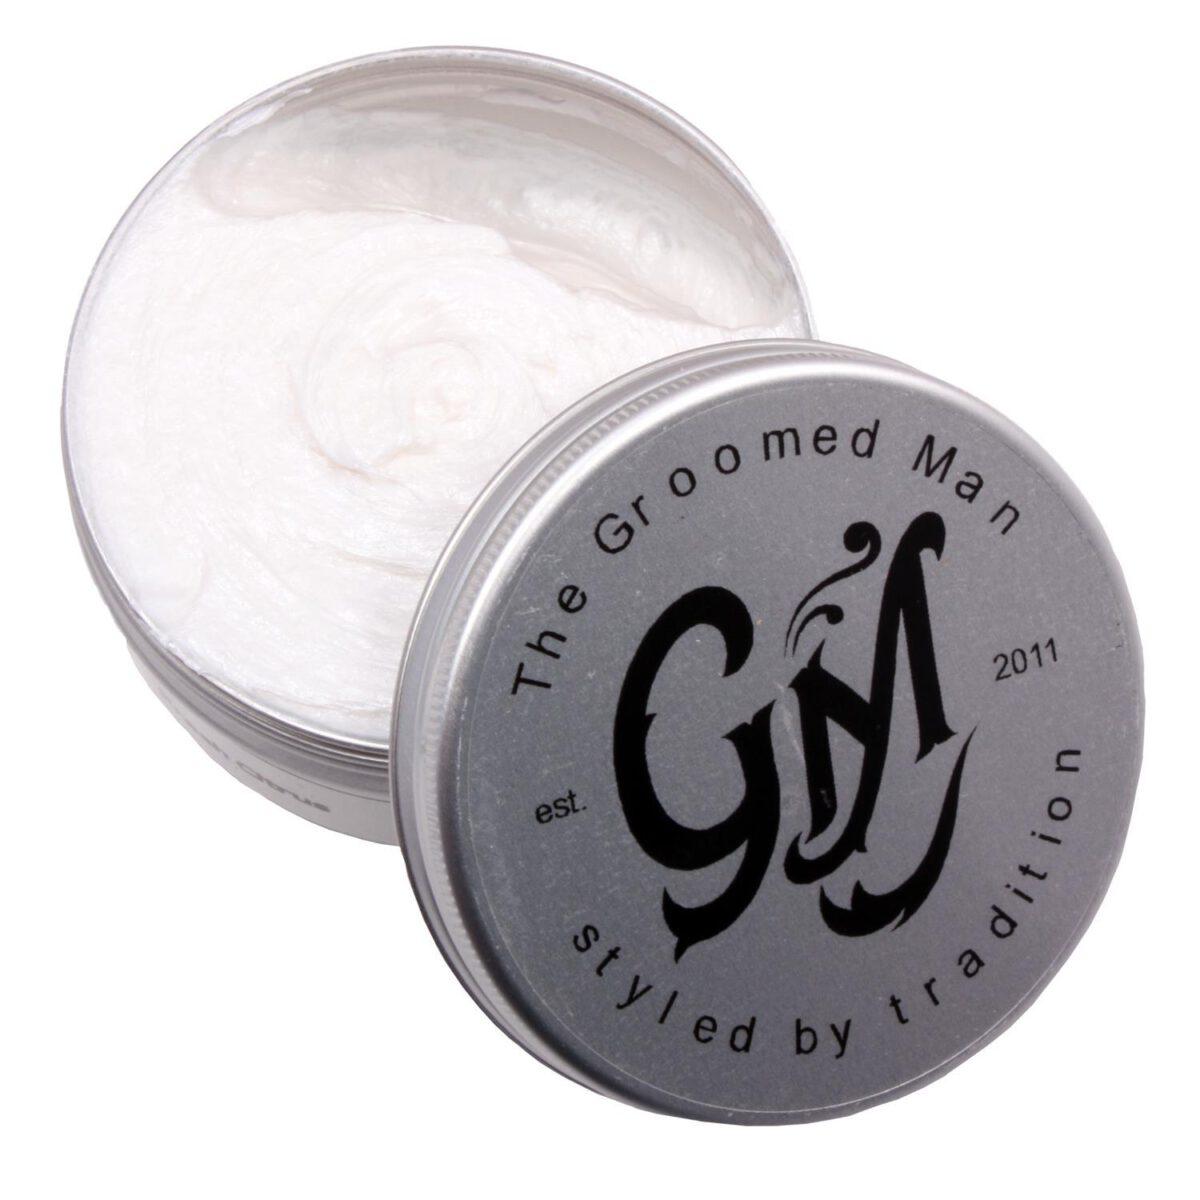 The Groomed Man Shaving Cream 100ml - Fresh Citrus-0